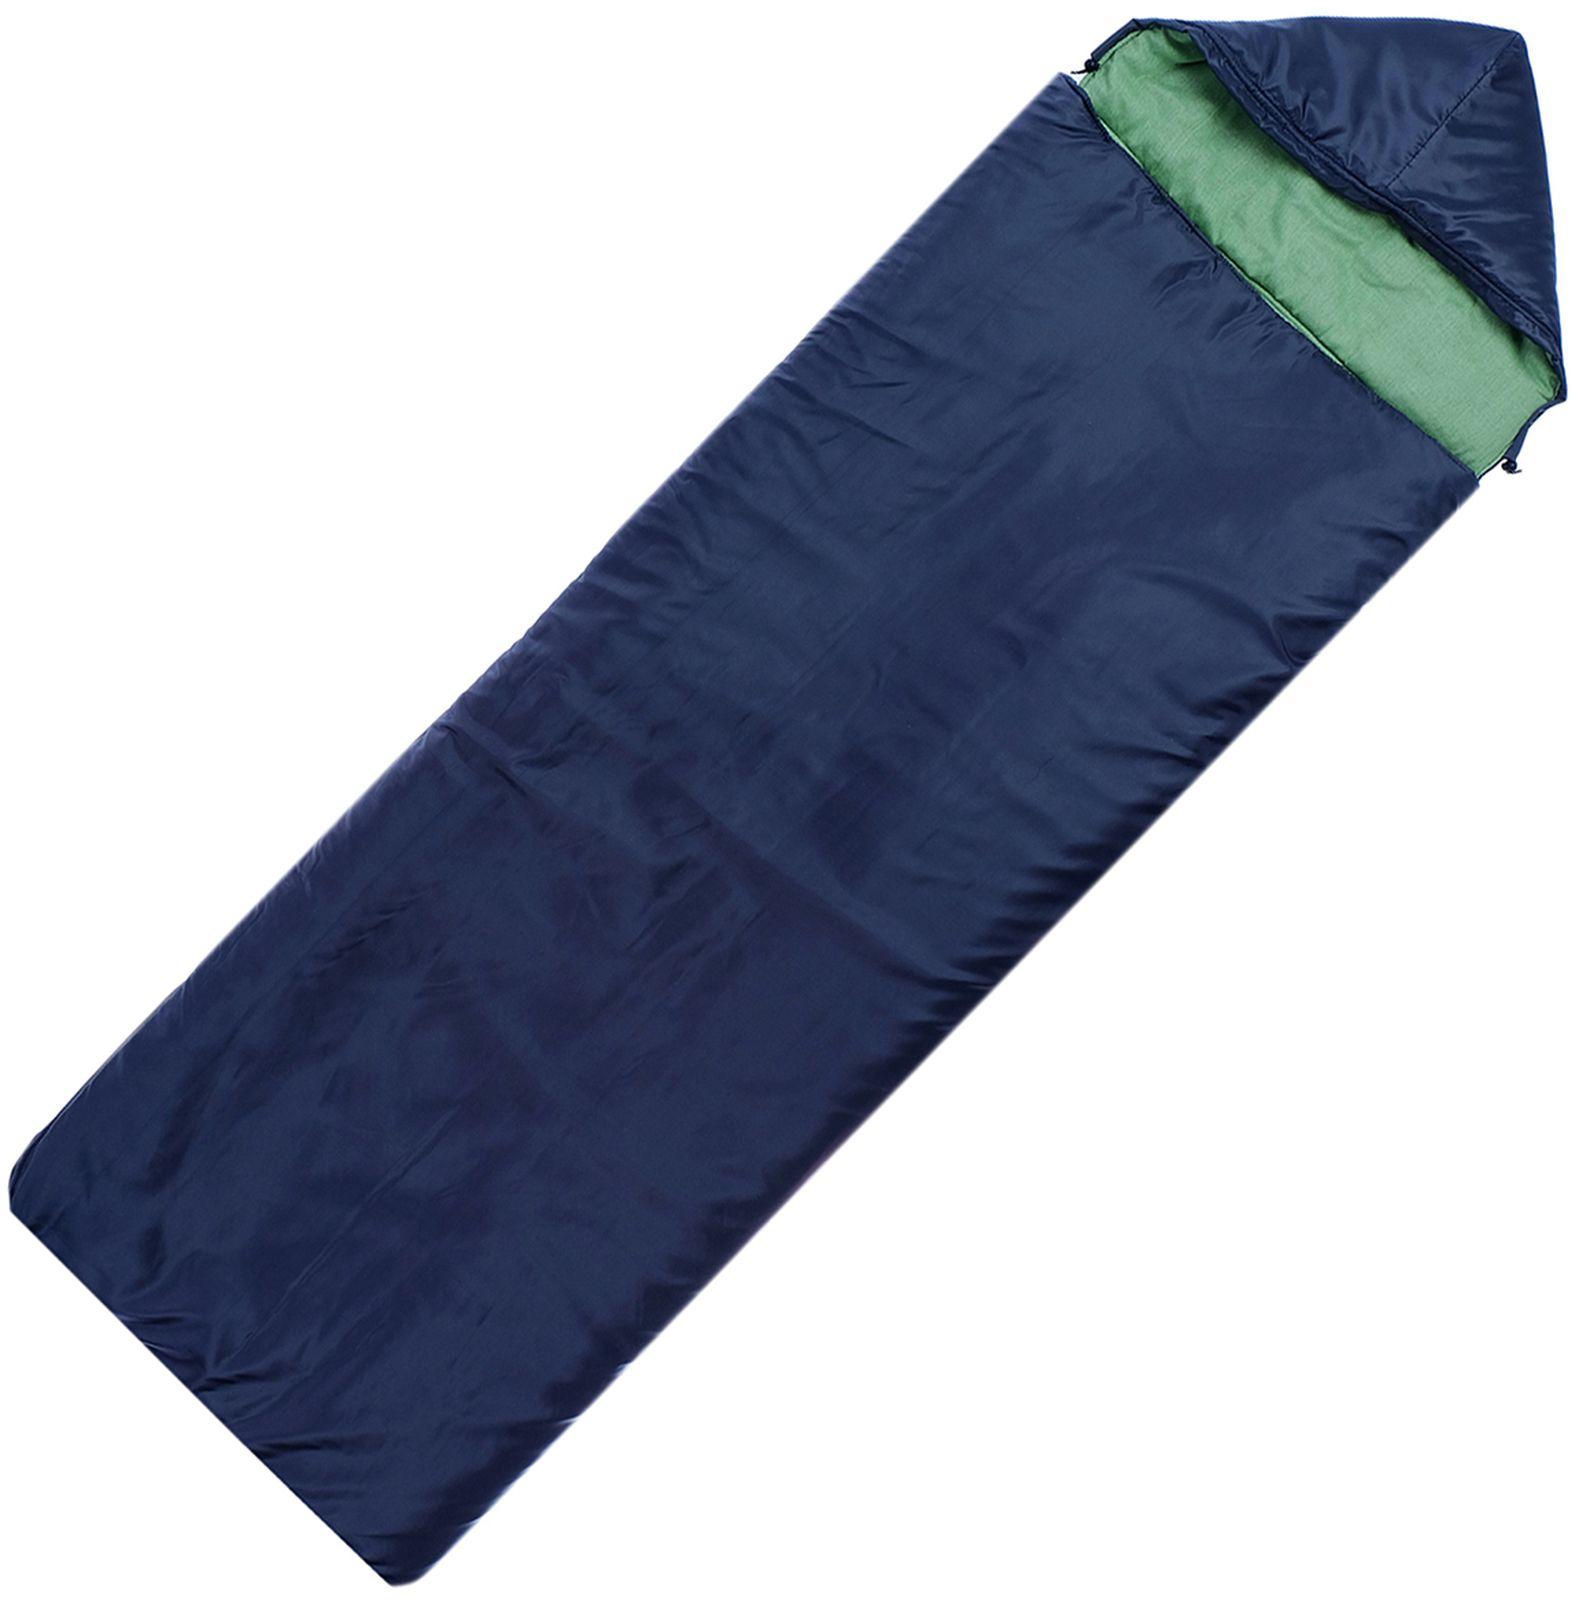 Спальный мешок Maclay 2-слойный с капюшоном увеличенный, 4198884, 225 х 105 см мешок спальный onlitop богатырь правосторонняя молния цвет хаки 225 х 105 см